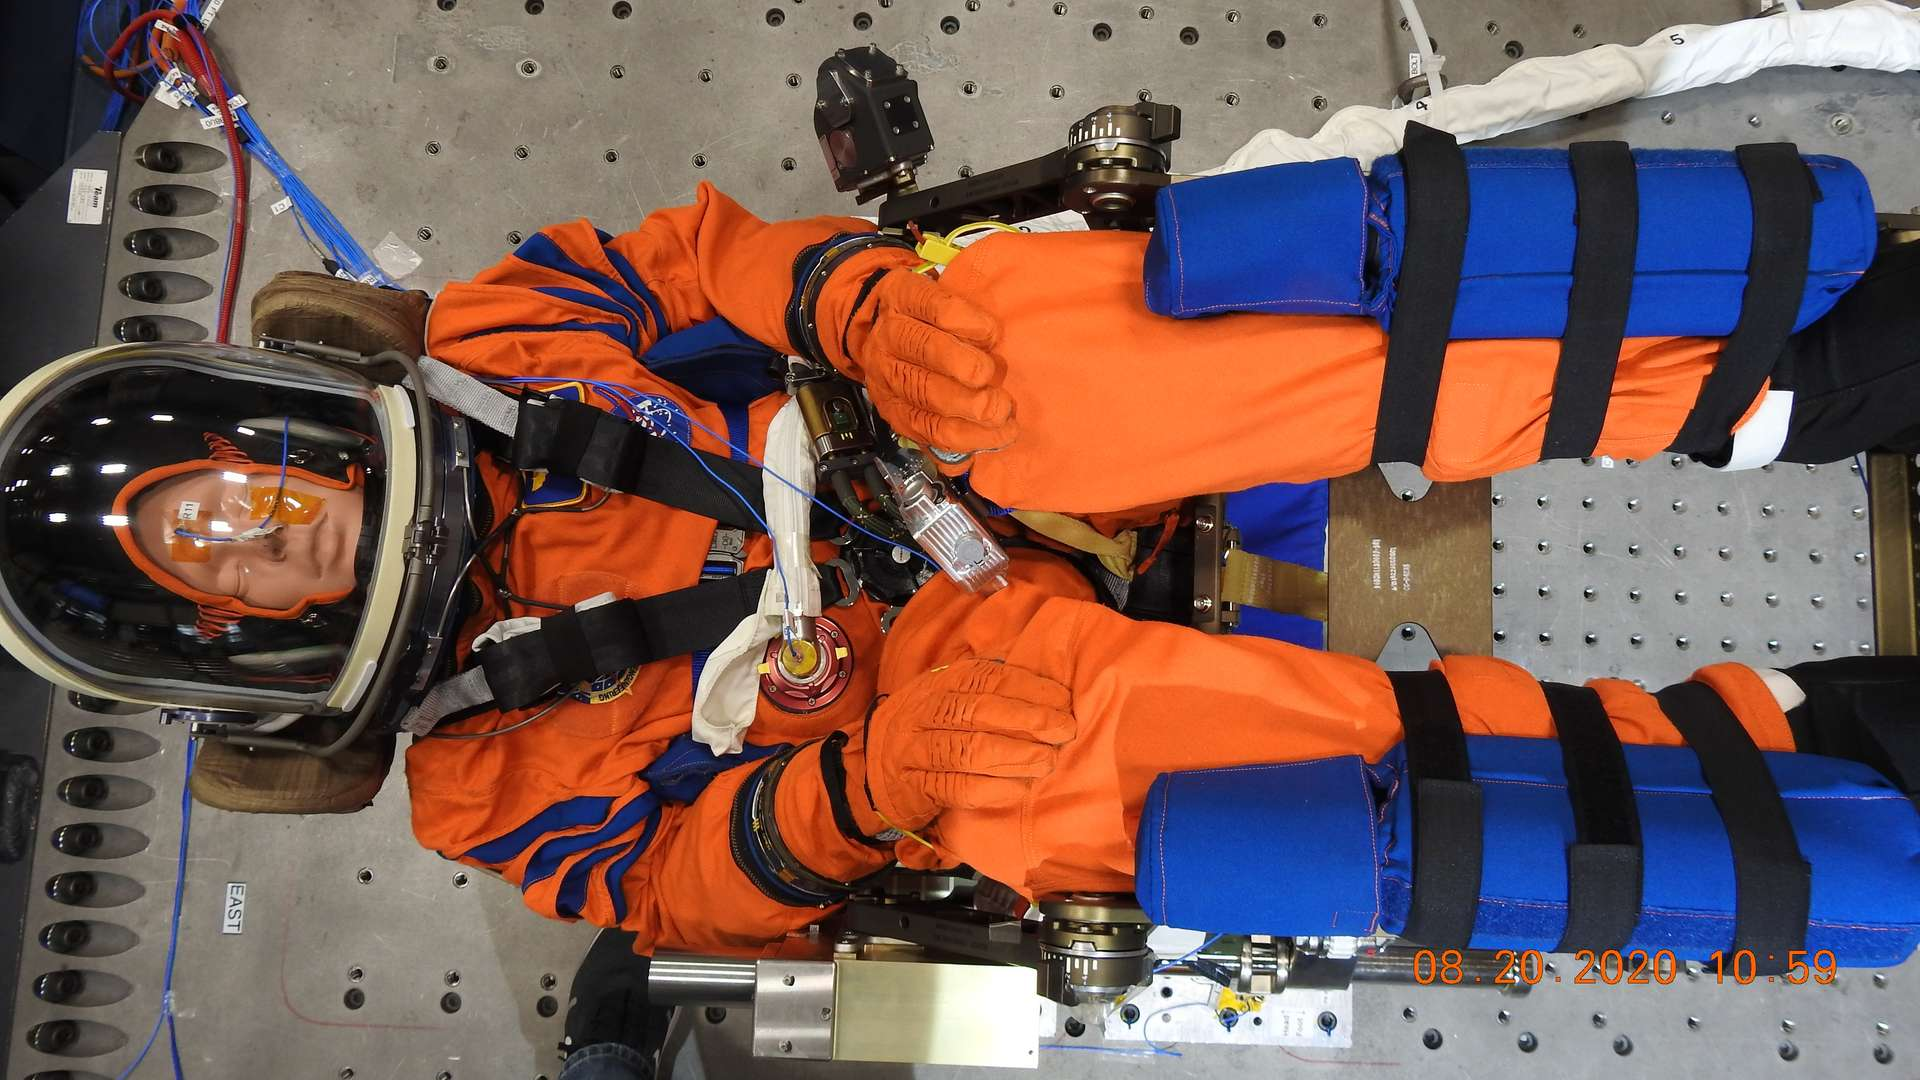 Le mannequin — qui aurait aussi pu s'appeler Delos, du nom de l'île sur laquelle Apollo et Artemis sont nés, Ace pour « Artemis Crew Explorer » ou encore Rigel comme l'étoile supergéante de la constellation d'Orion — a déjà servi à tester le système d'amortissement d'énergie du vaisseau spatial Orion du côté du Centre spatial Kennedy (États-Unis). © Nasa